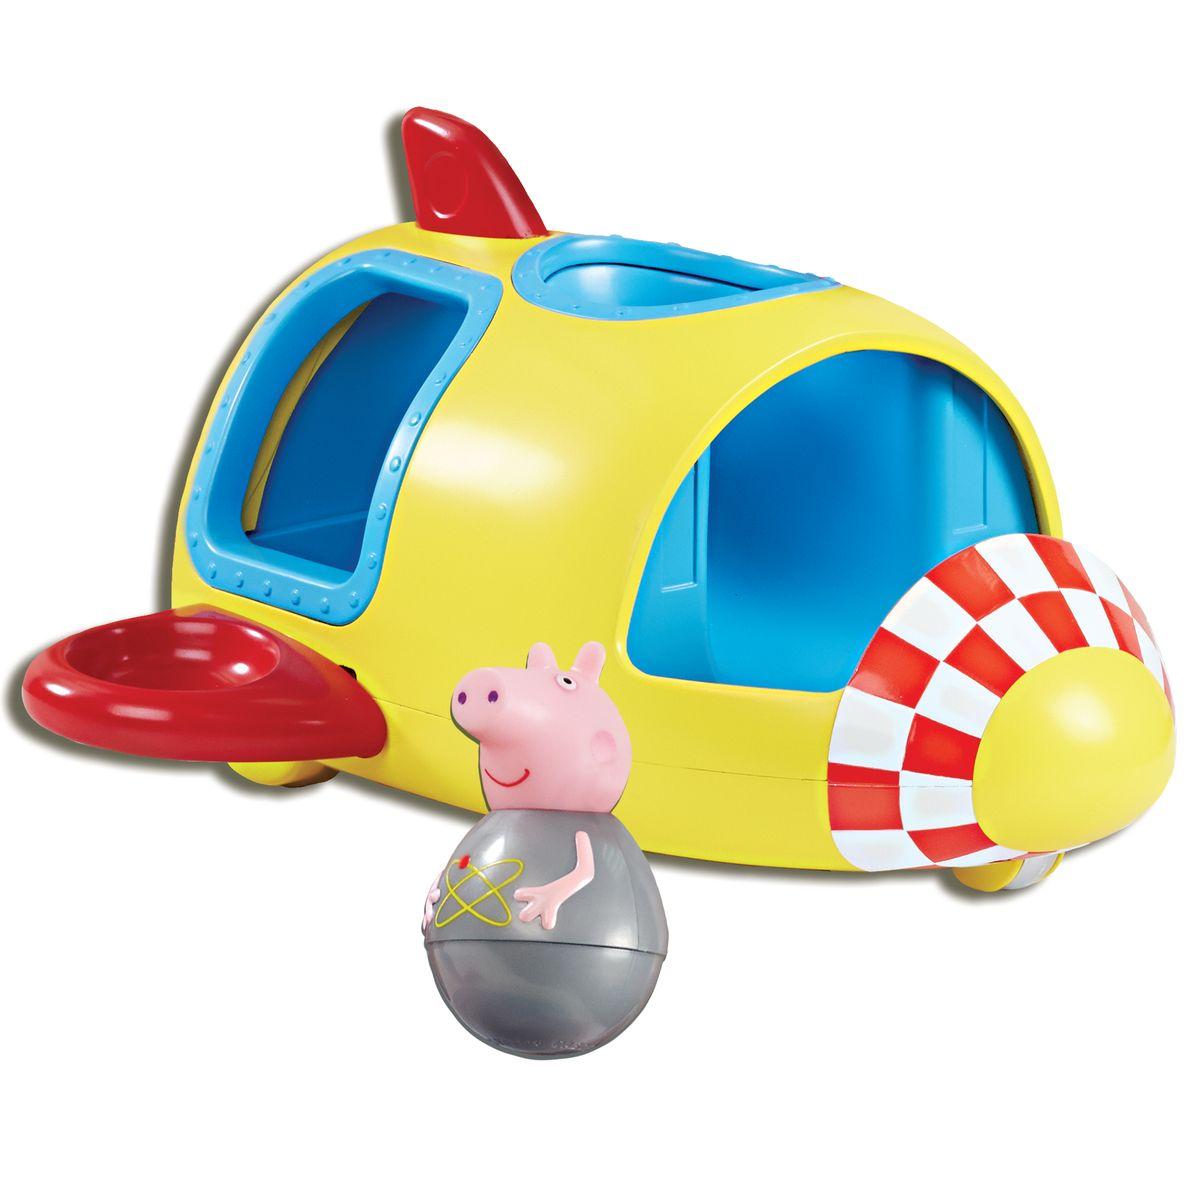 Peppa Pig Игровой набор Ракета Пеппы-неваляшки28796Приглашаем в космическое путешествие вместе с Пеппой-неваляшкой! В ее ракете 6 посадочных мест: 2 спереди, 2 сзади и 2 на крыльях. Ракета двигается на колесиках, забавно покачивая крыльями, а свинка на сидении вращается, покачивается, не выпадая. Покрутите неваляшку Пеппы на столе или полу, и она затанцует, закрутится, закачается в разные стороны и даже не подумает упасть. С таким набором ребятишкам не придется скучать. А чтобы игра стала еще интереснее, можно приобрести друзей Пеппы из этой же серии, чтобы они вместе отправились в космос. Игра развивает у малышей воображение, помогает им обмениваться знаниями и тренировать навыки общения.